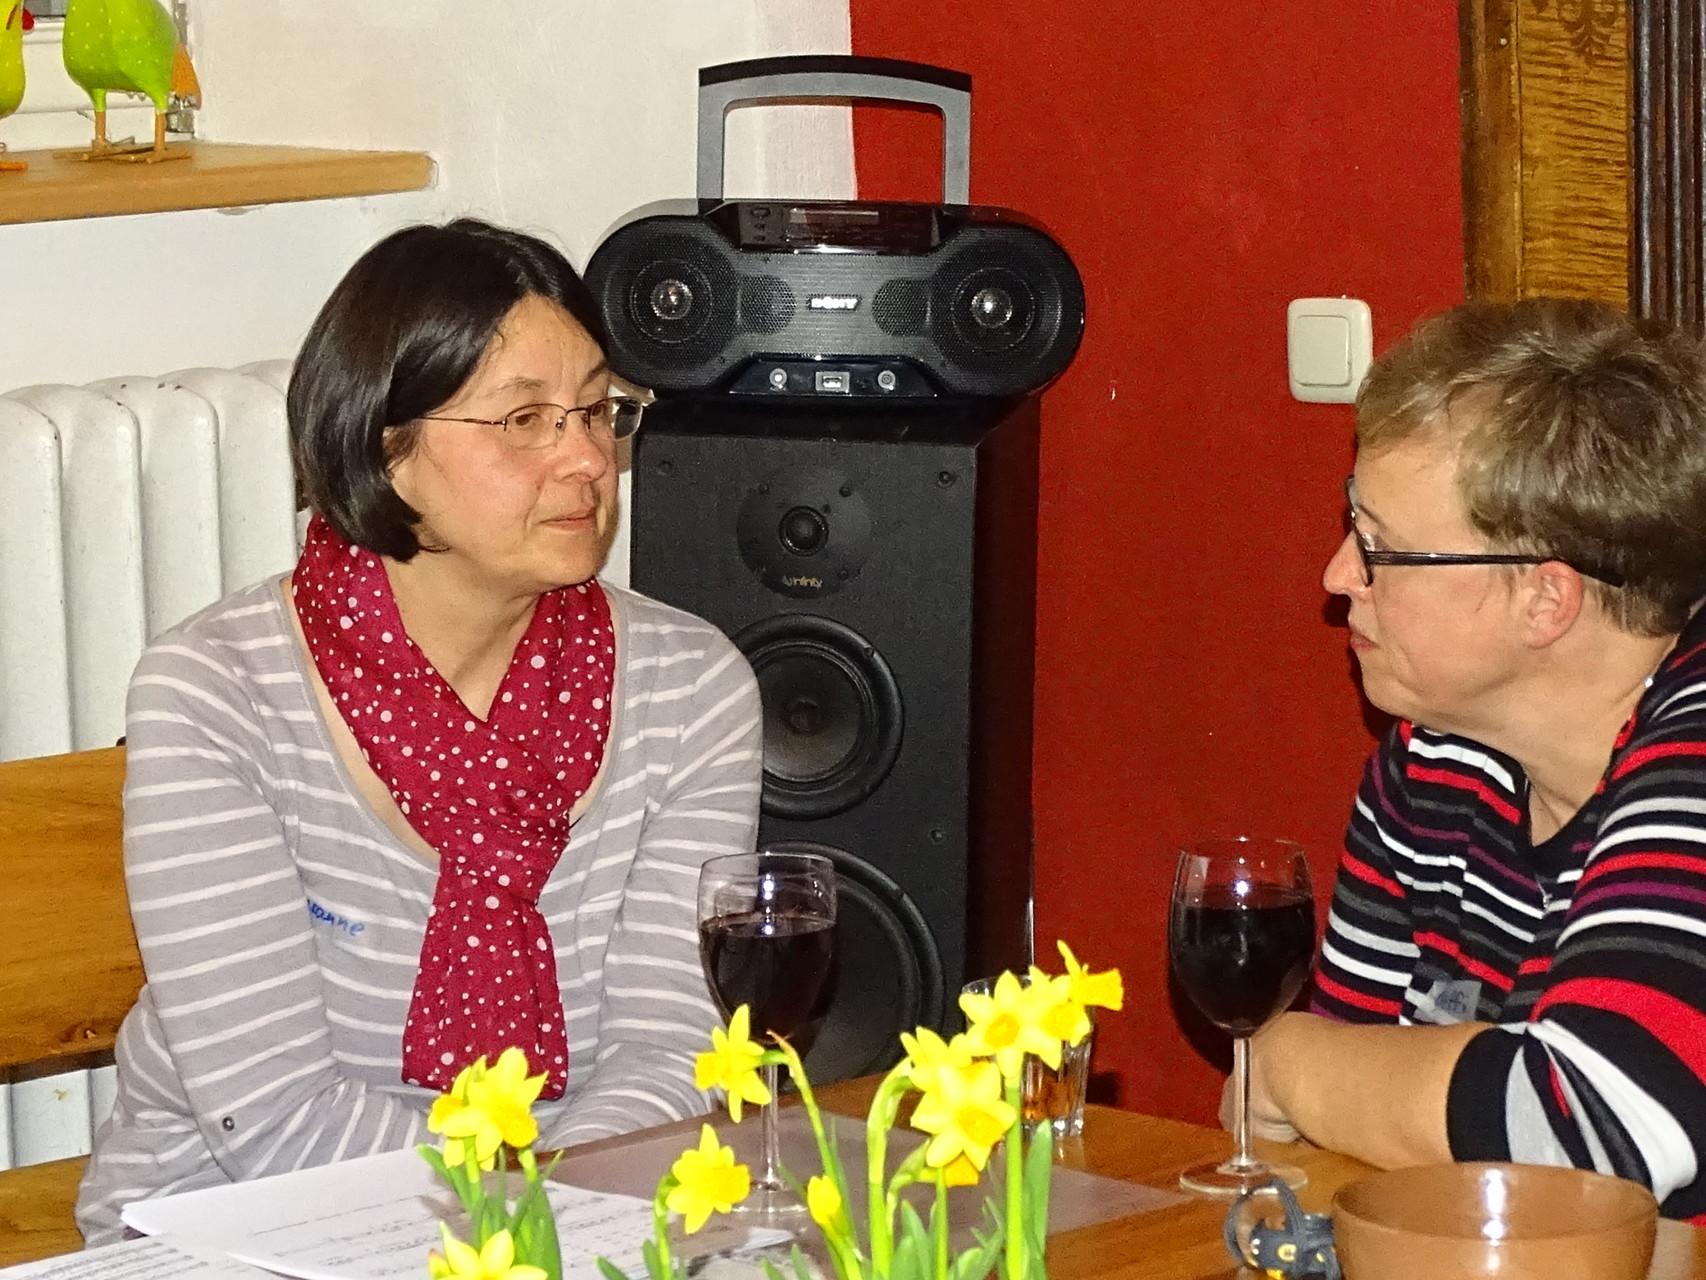 Ganz wichtig: Die Ost-West Gespräche bei Wein und Knabberten! // Foto: Hotop